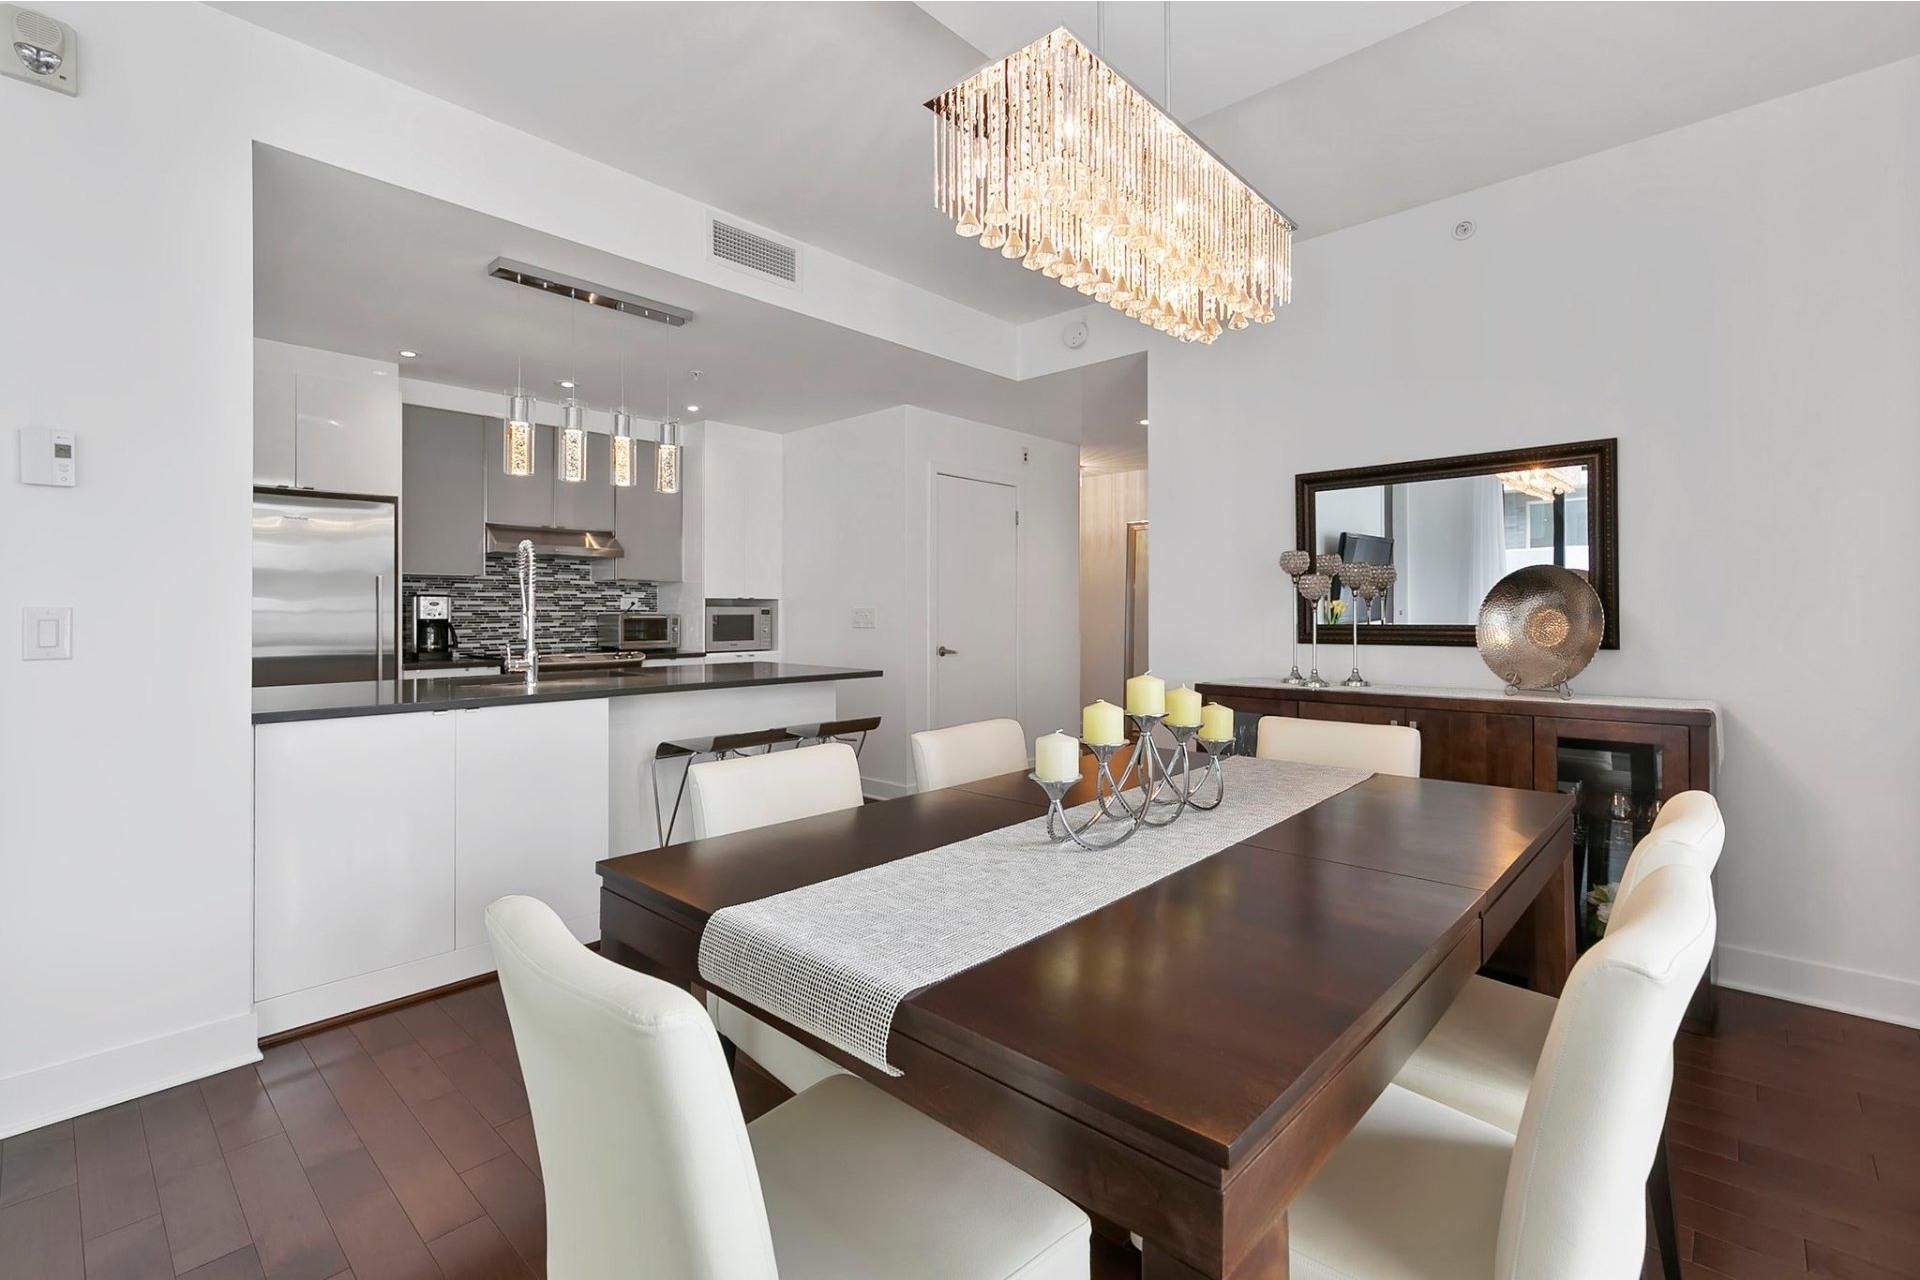 image 8 - Apartment For sale Côte-des-Neiges/Notre-Dame-de-Grâce Montréal  - 8 rooms